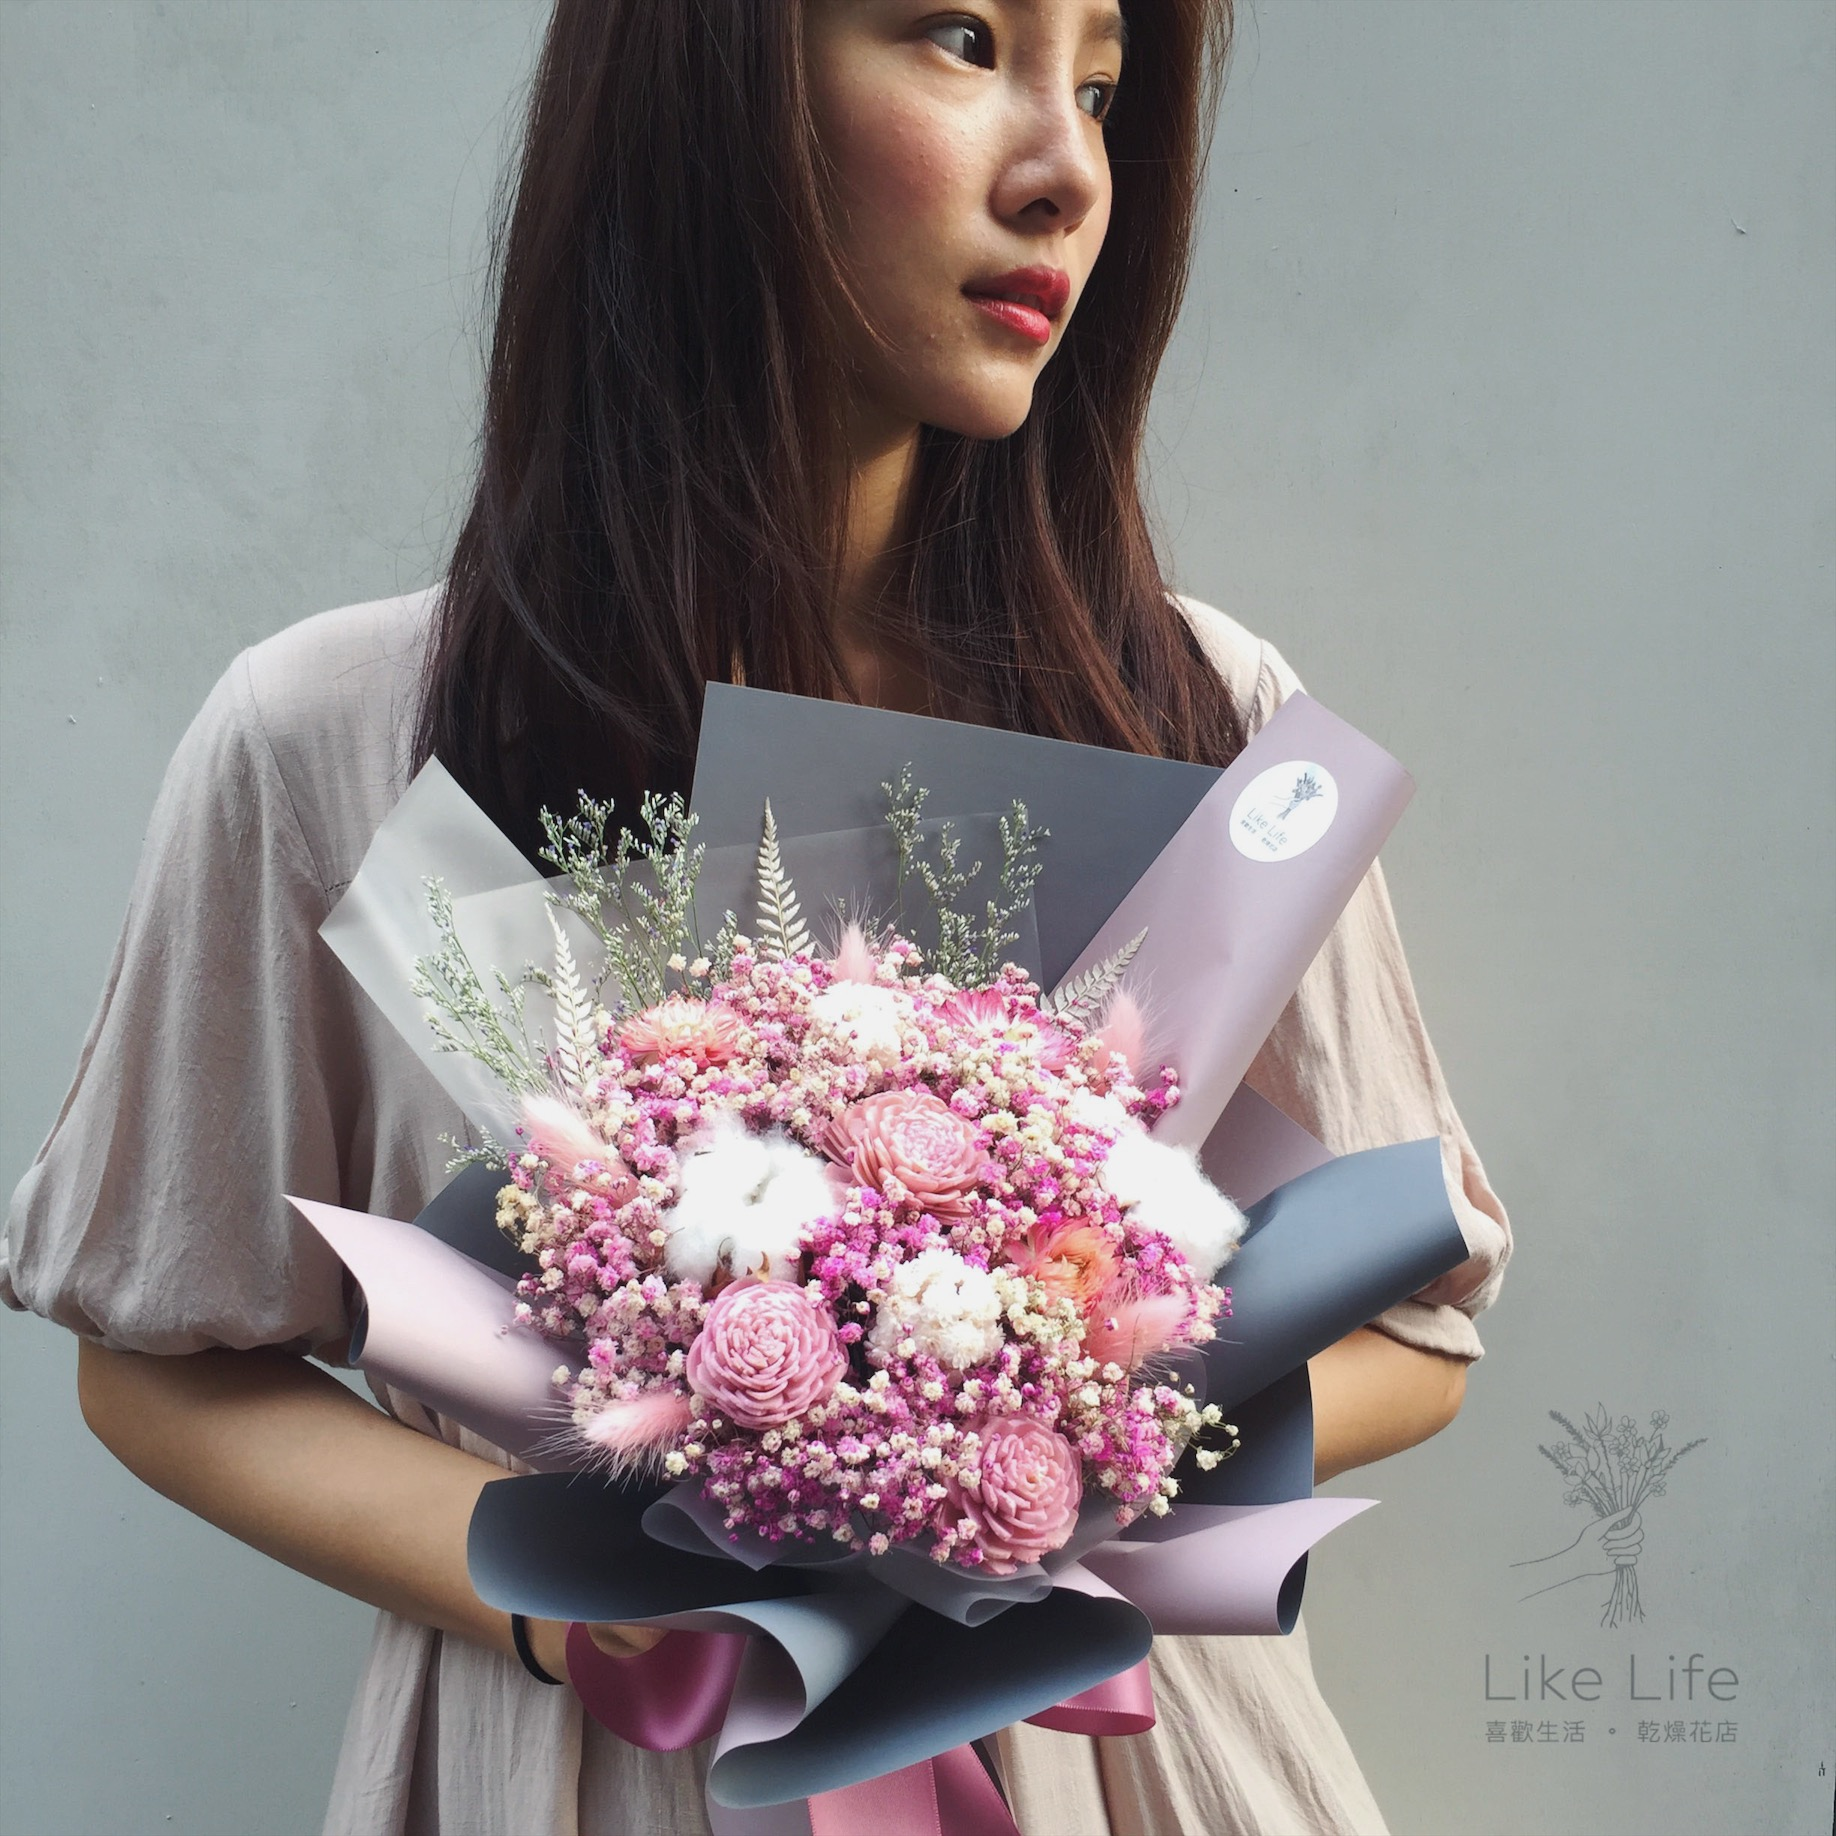 母親節乾燥花束推薦,粉色乾燥花束,喜歡生活乾燥花店